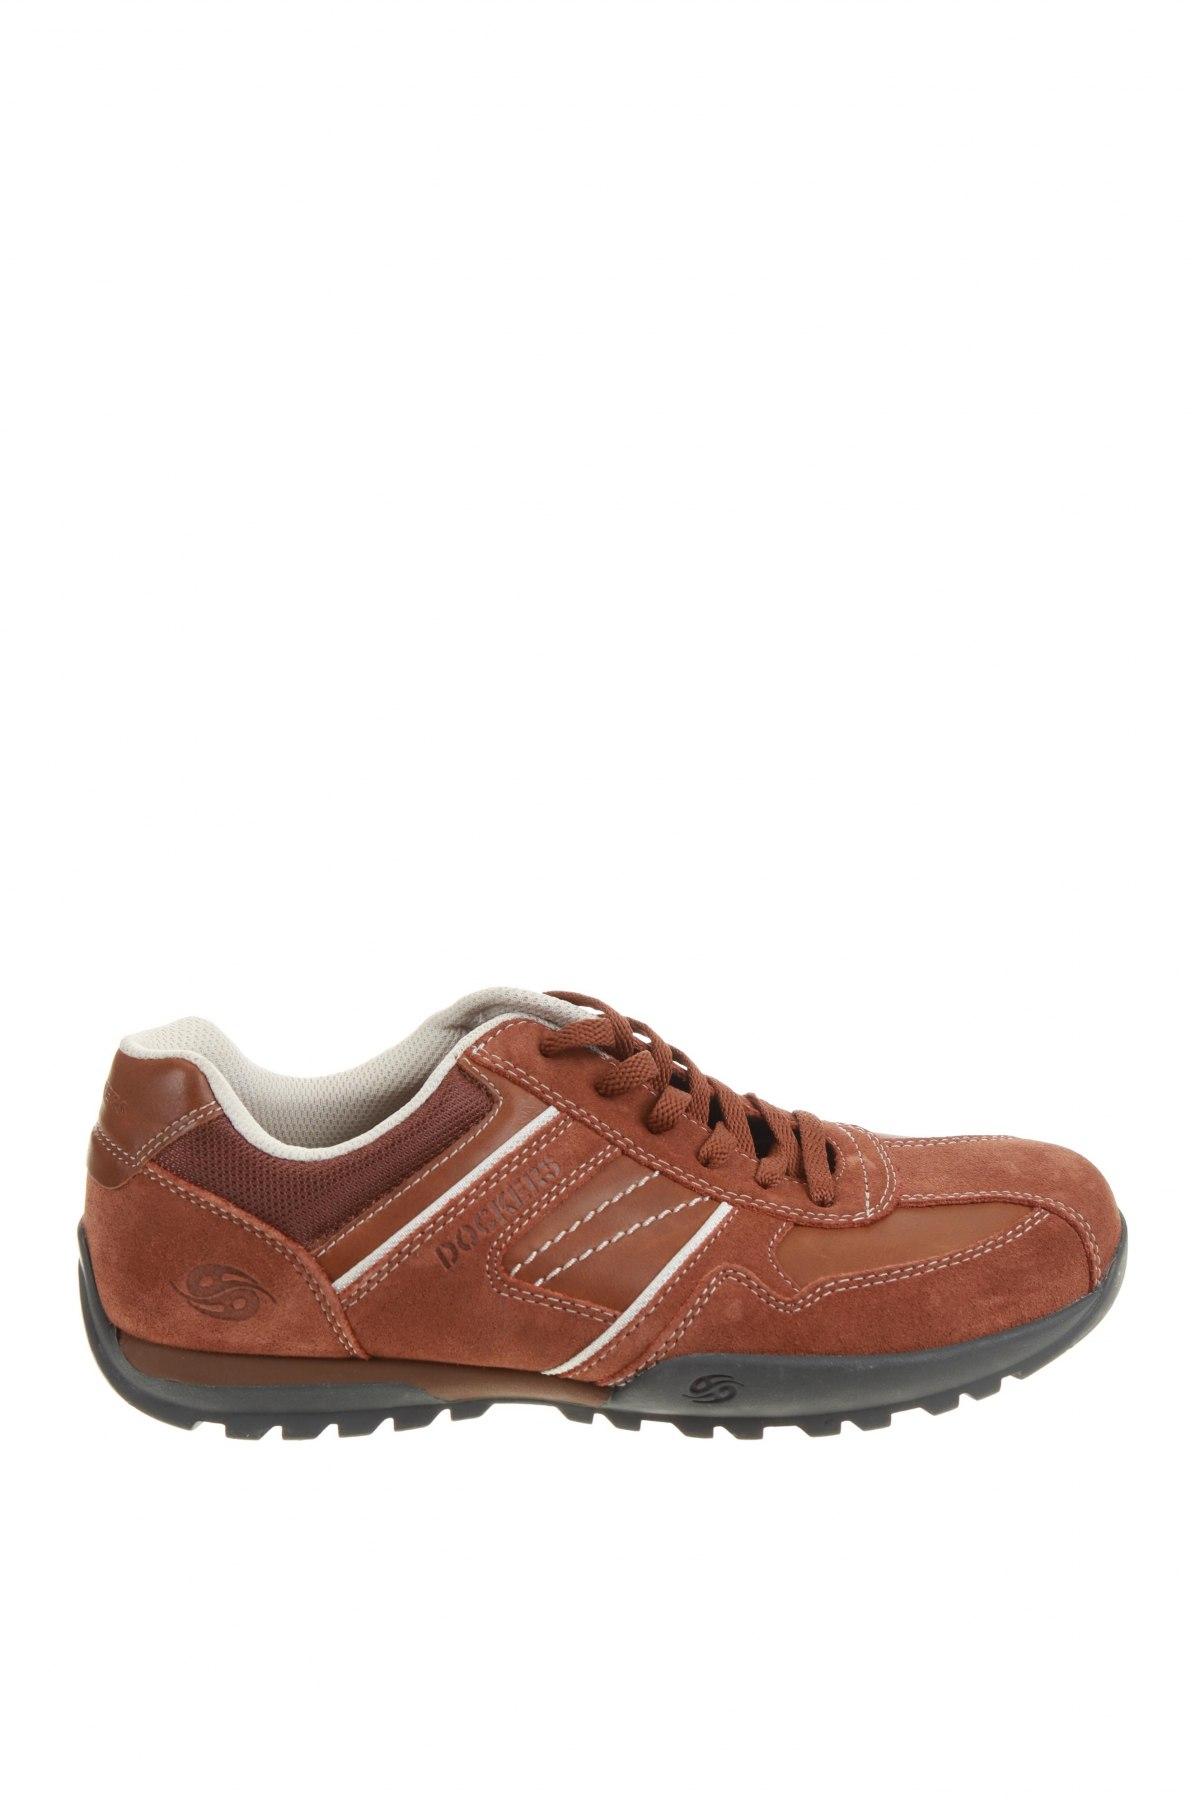 Ανδρικά παπούτσια Dockers by Gerli, Μέγεθος 41, Χρώμα Καφέ, Γνήσιο δέρμα, φυσικό σουέτ, Τιμή 46,01€